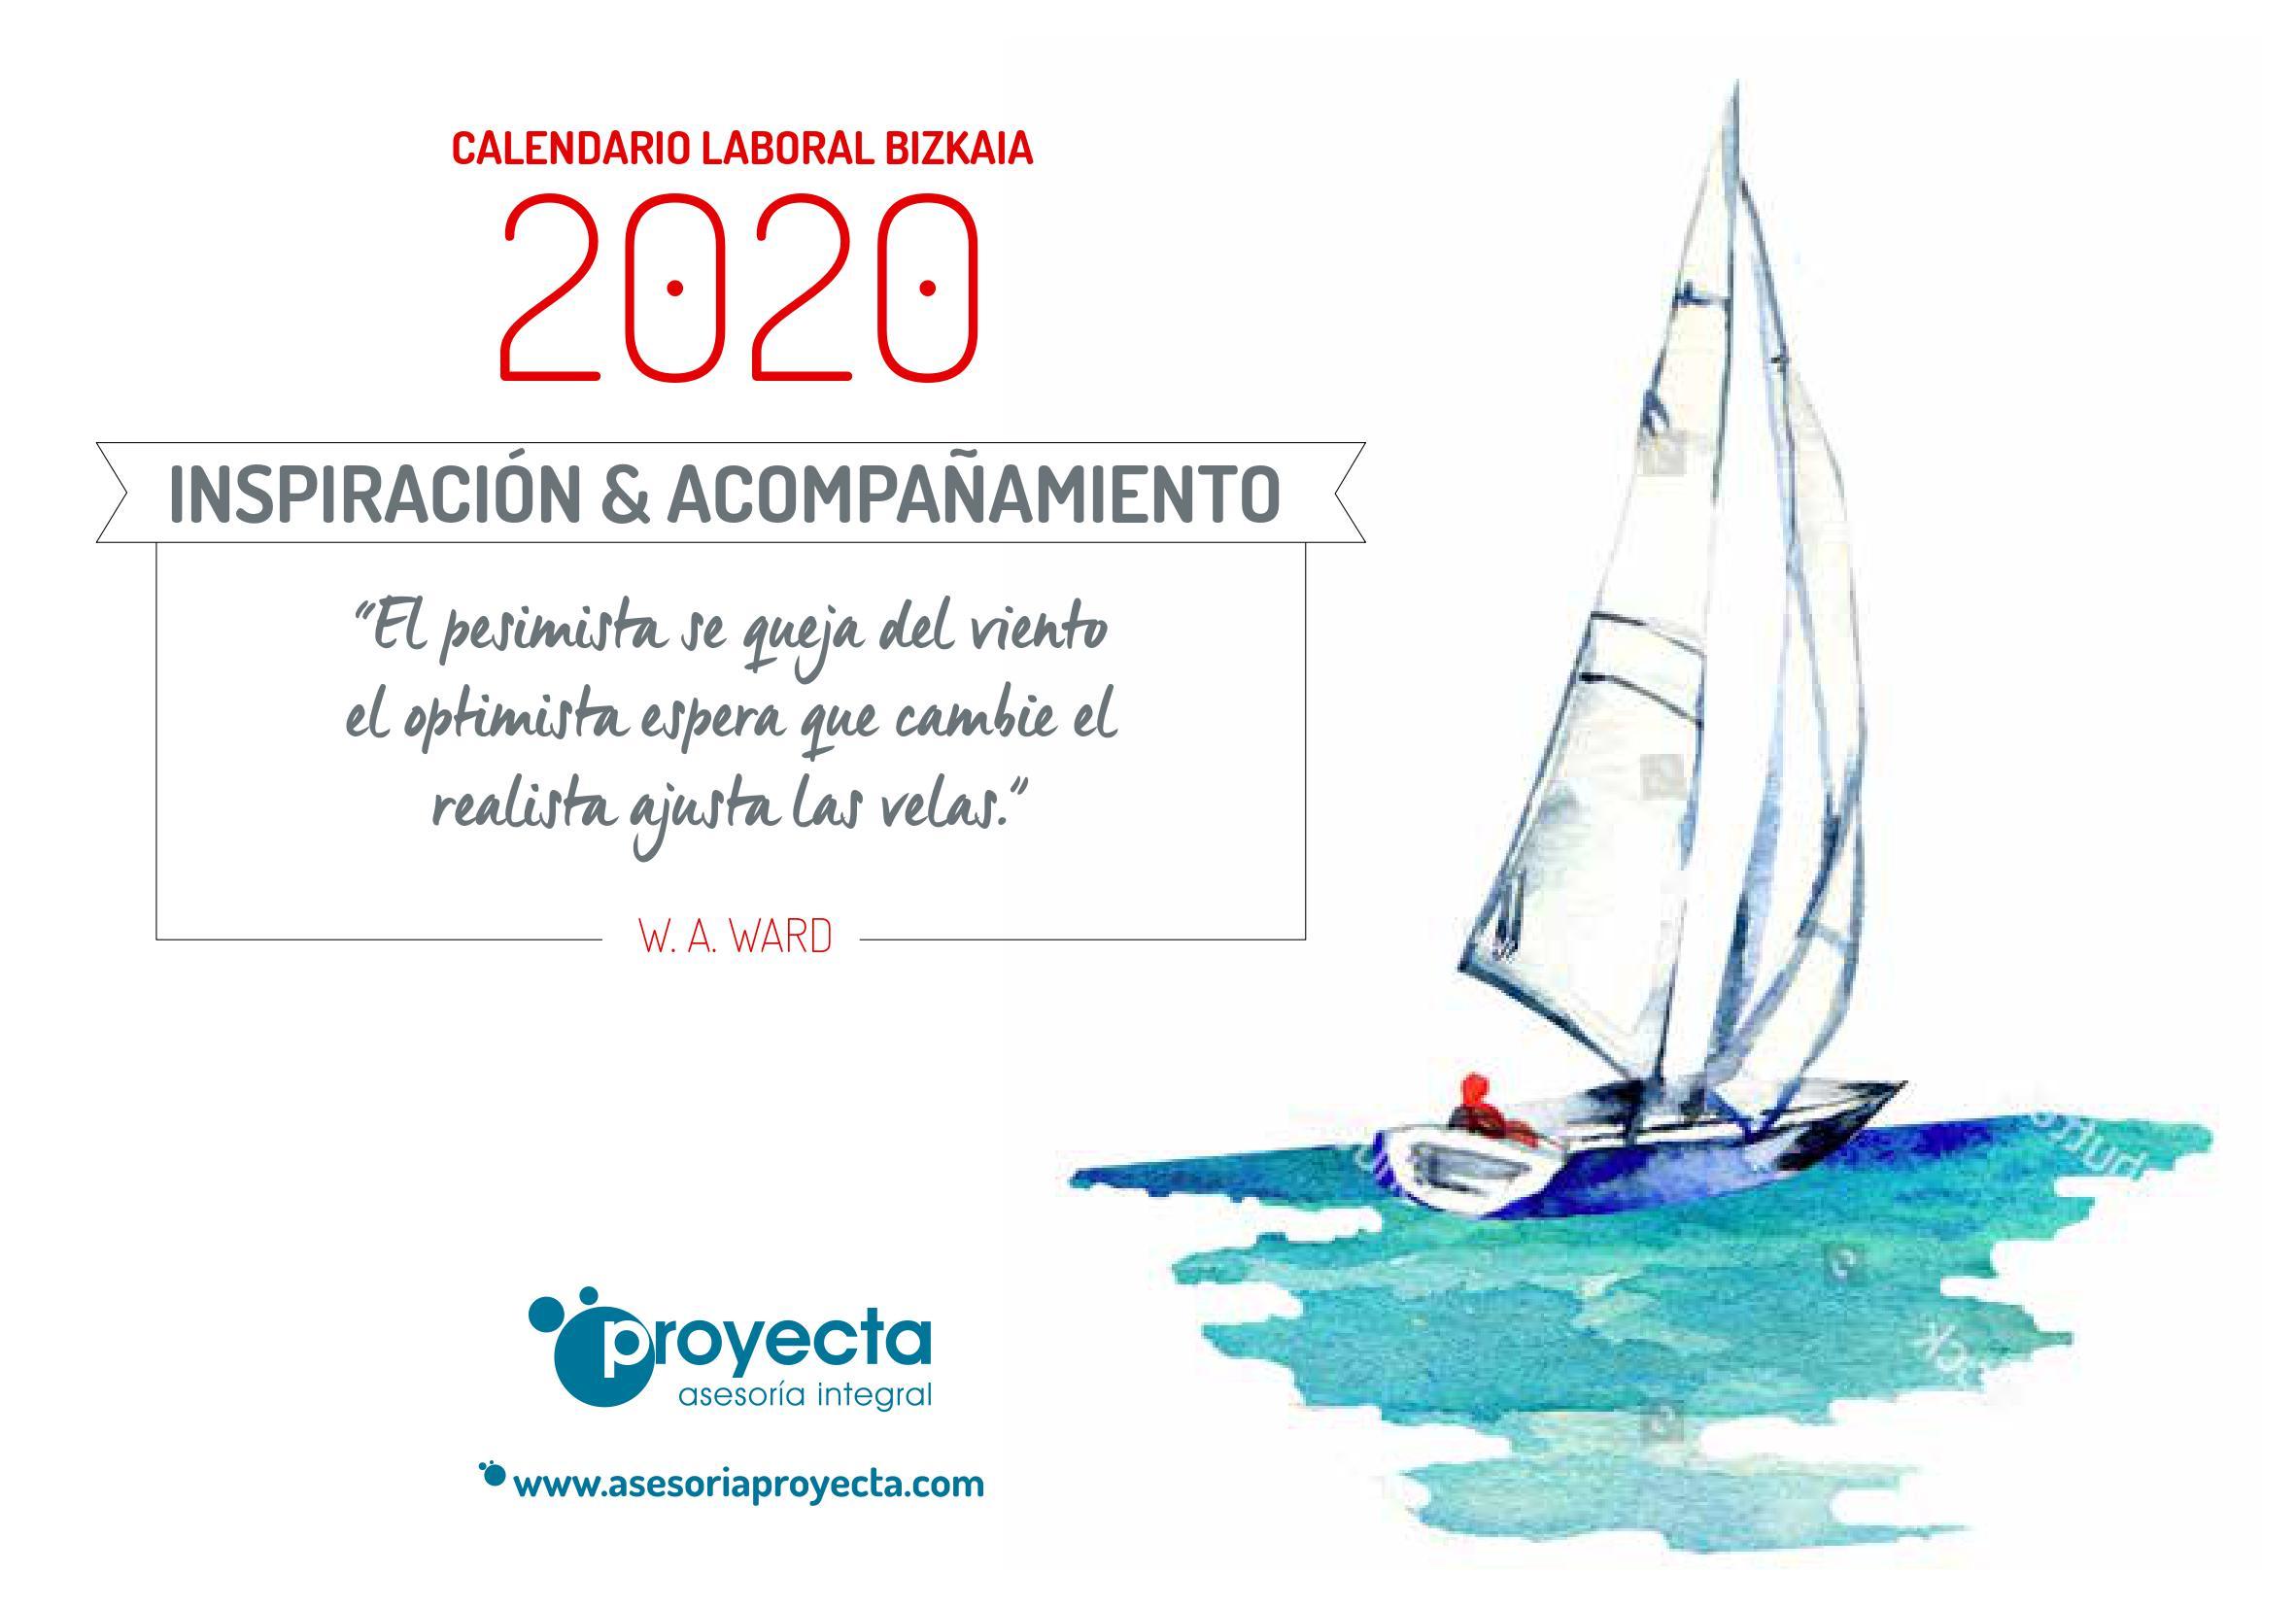 calendario laboral 2020 bizkaia